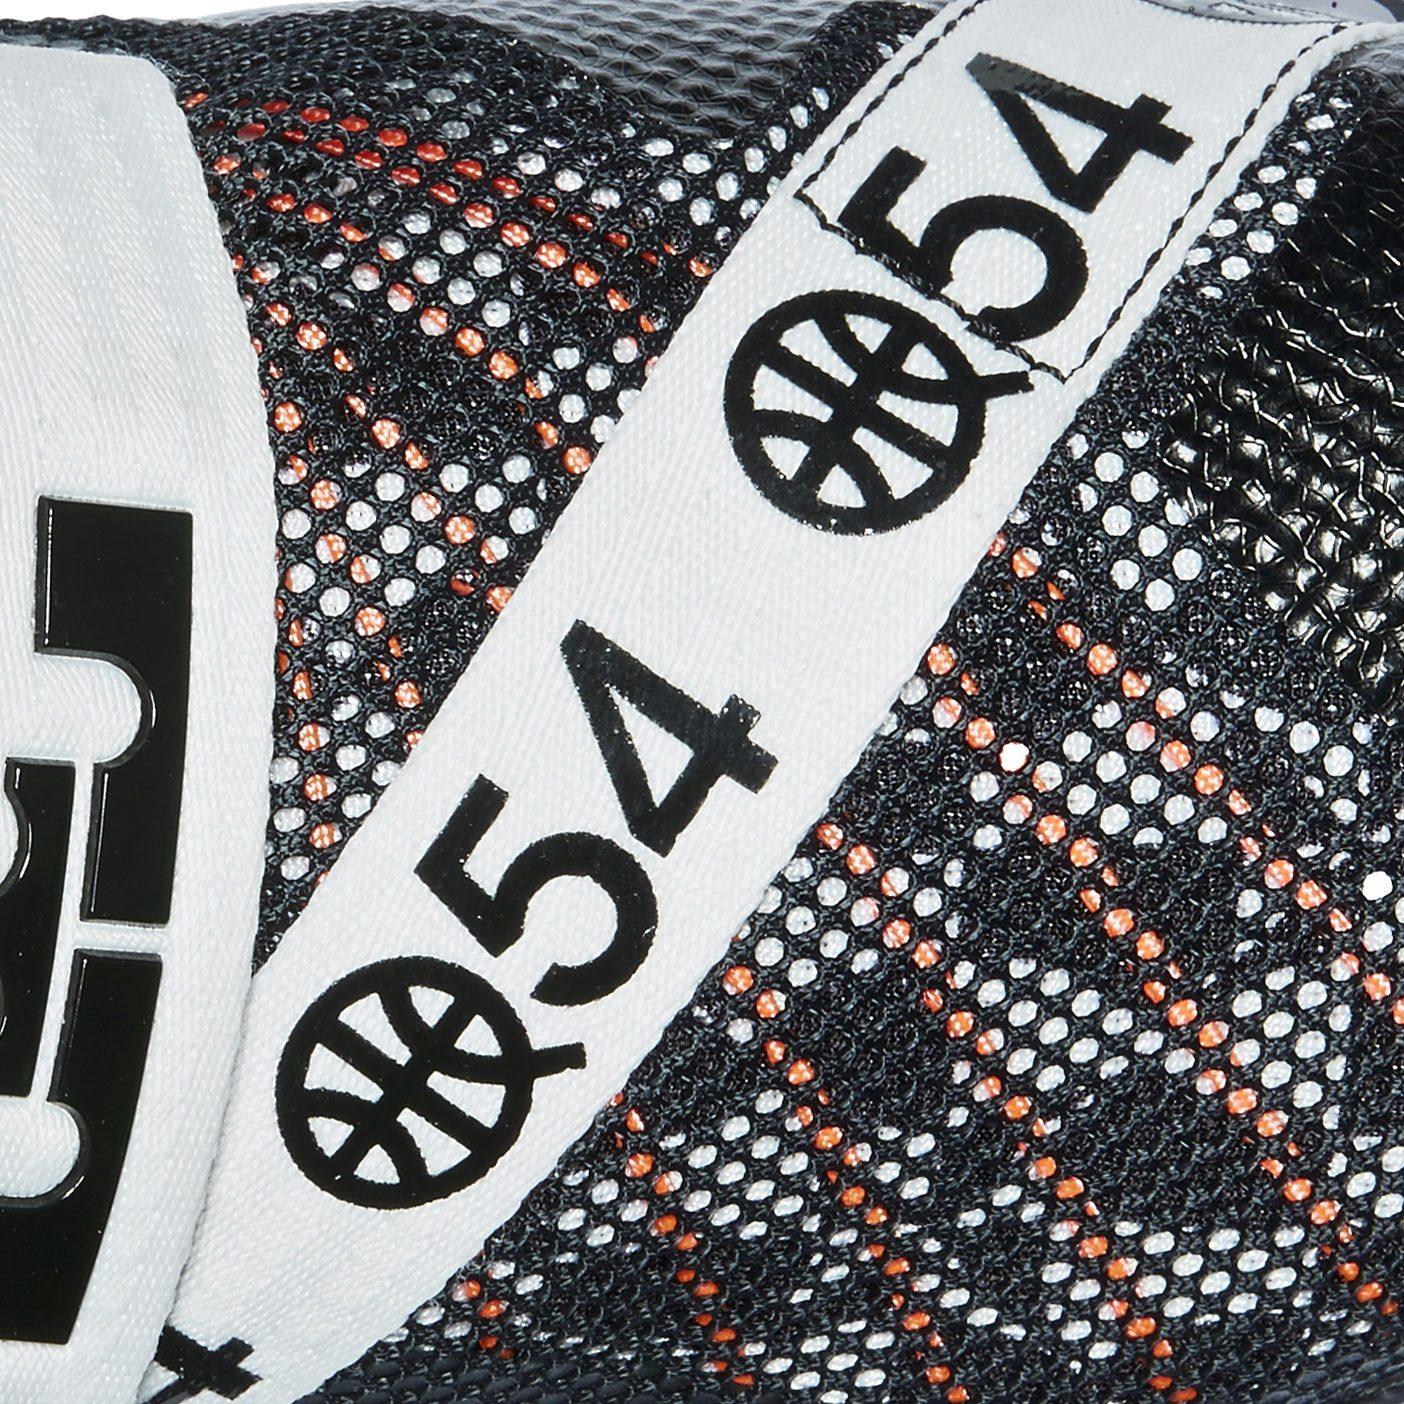 Air Jordan Quai 54 Pack 18